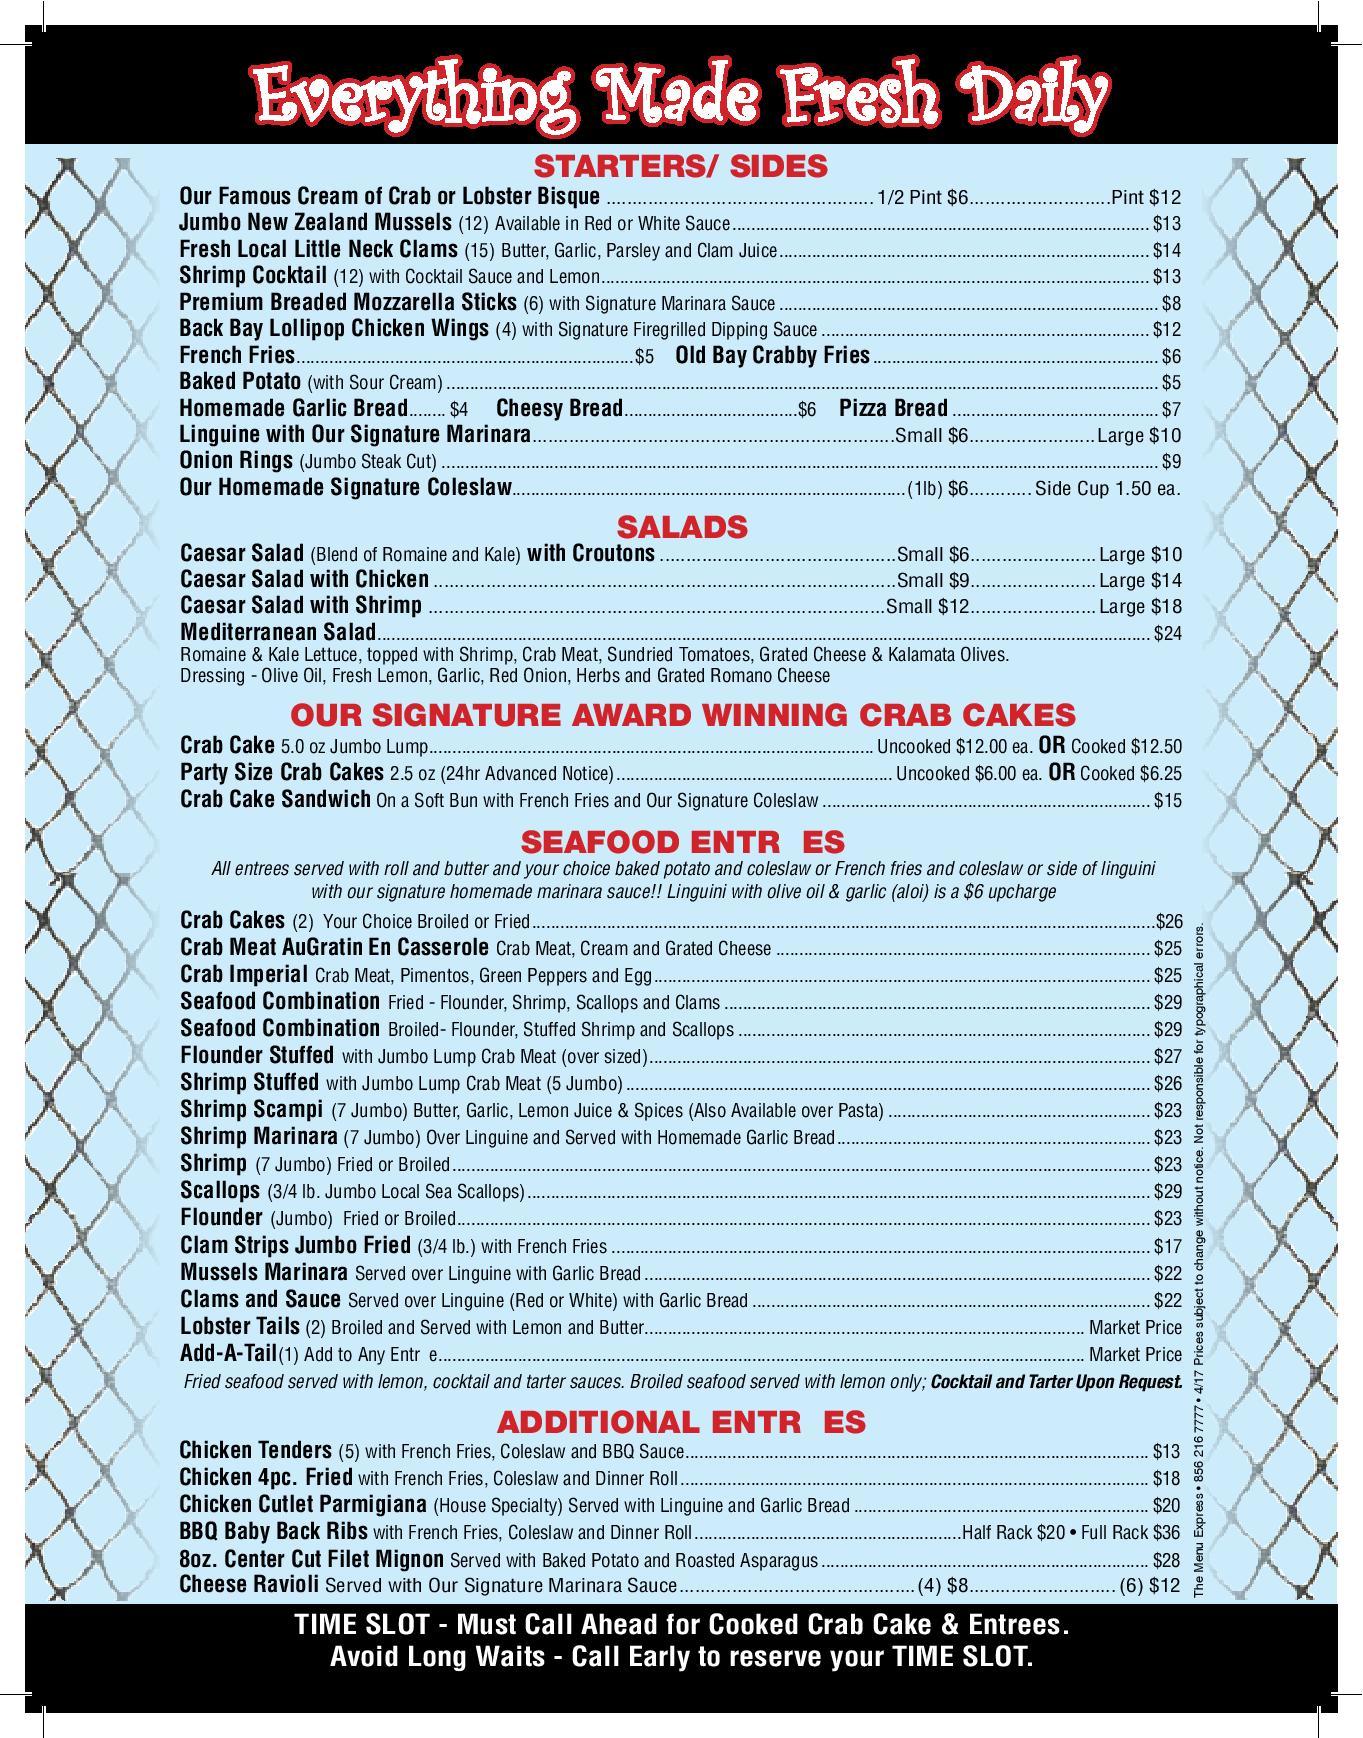 BackBay_Crab_V5_LR (1)-page-002.jpg